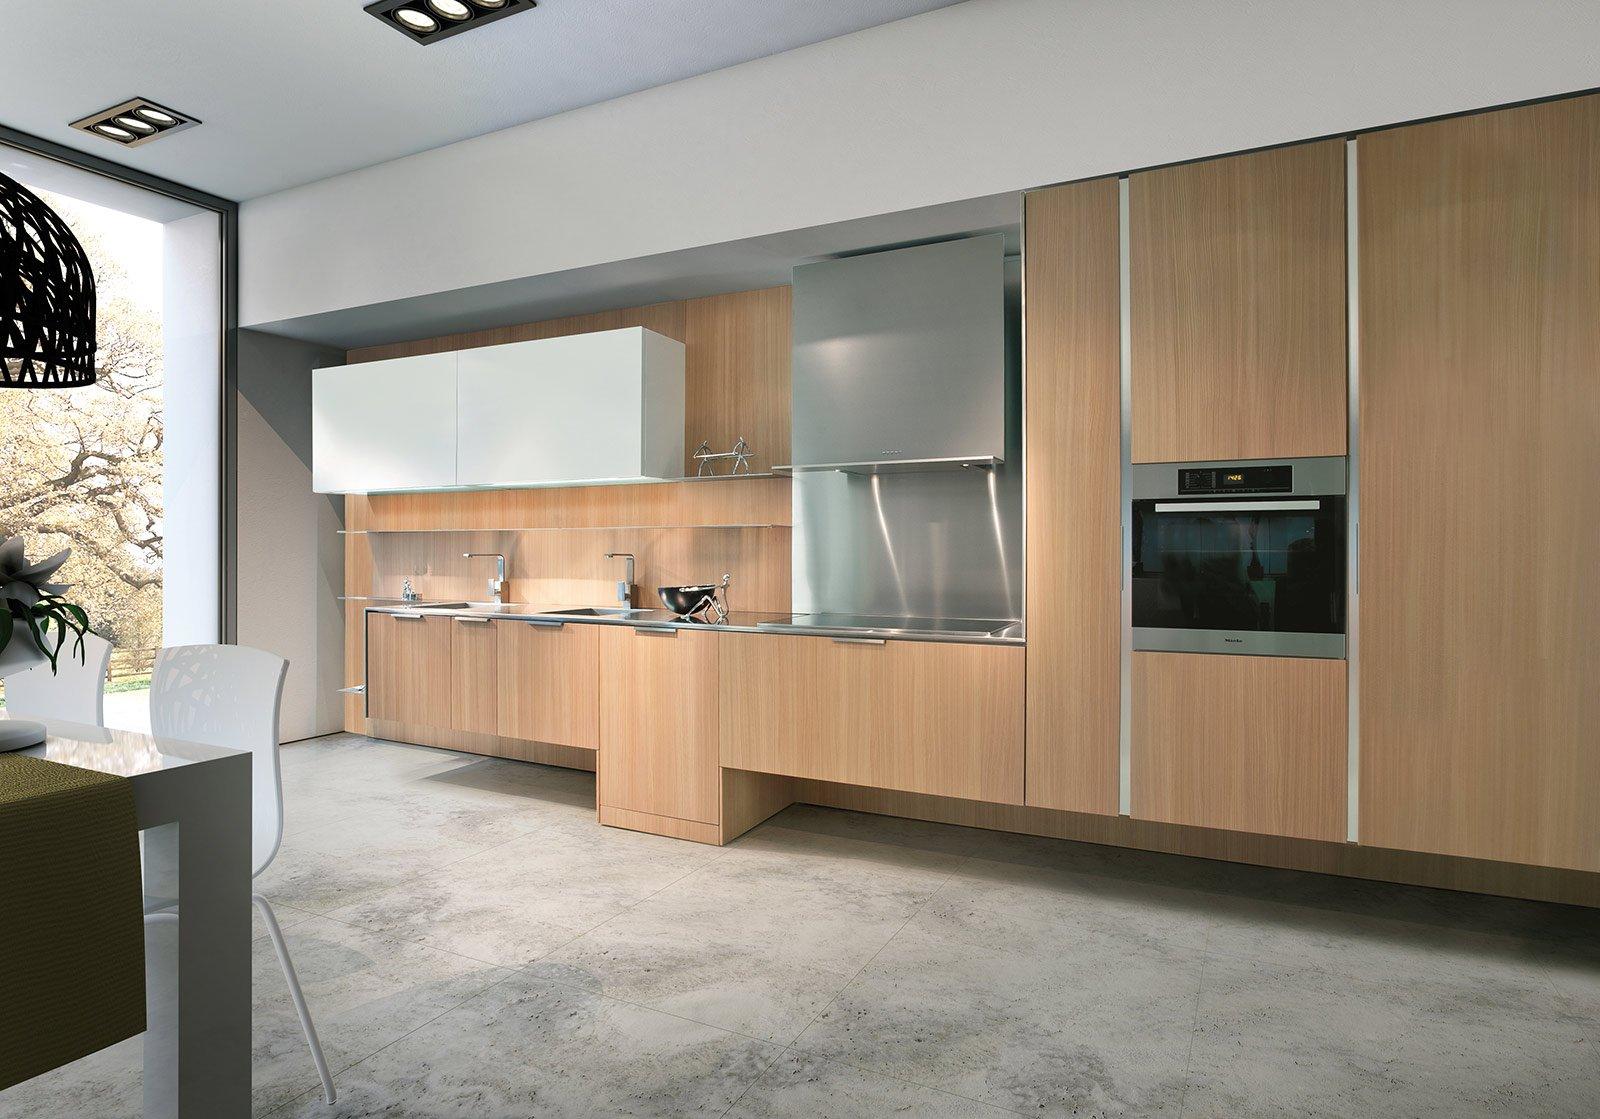 Cucine moderne in legno cose di casa - Cucine moderne in legno naturale ...